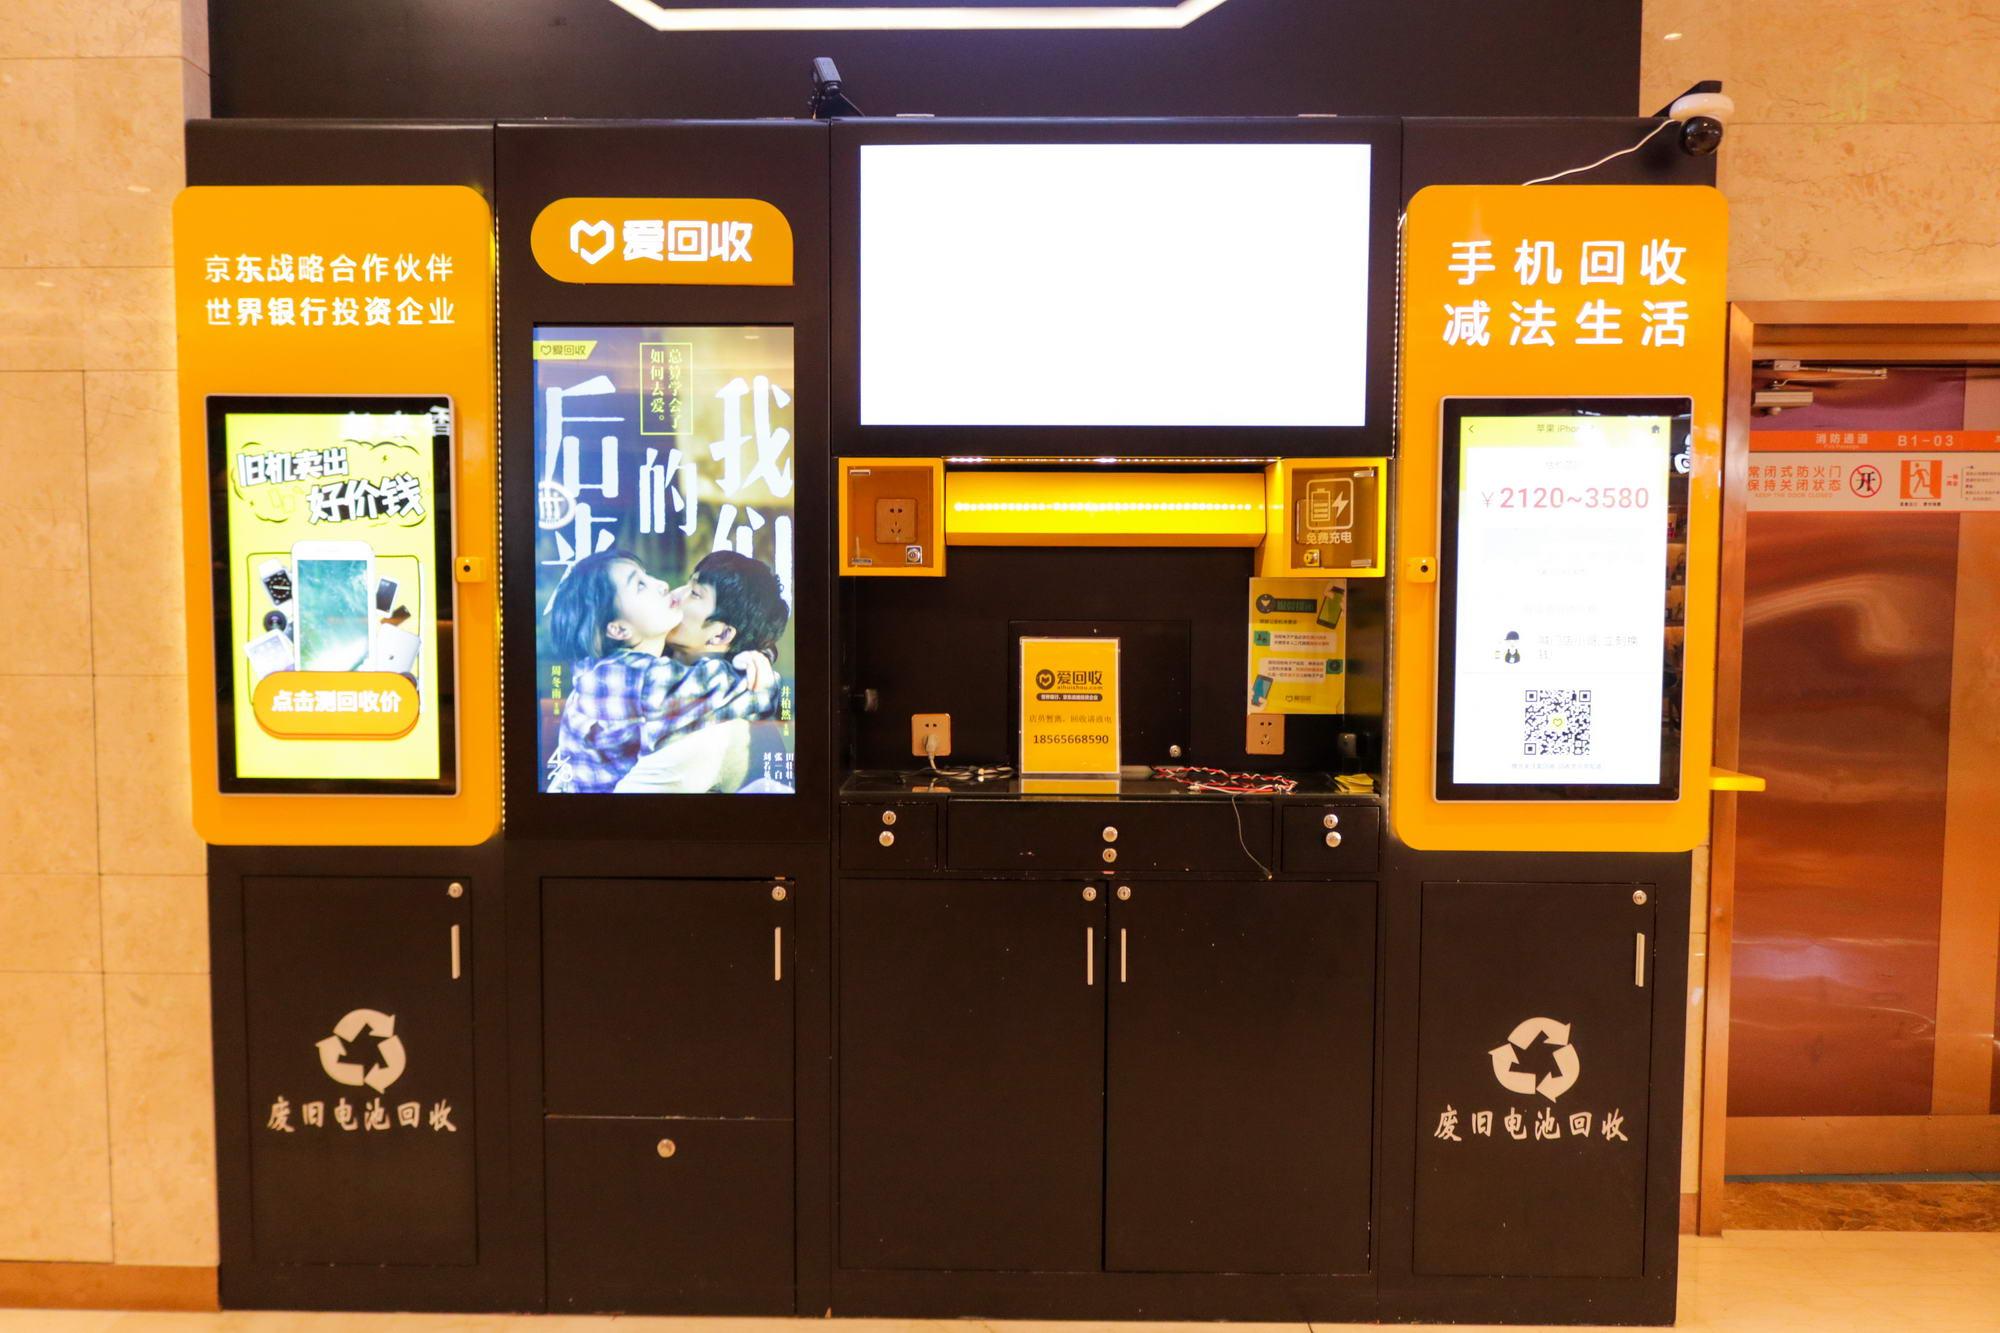 爱回收:iPhone回收明显增长,换机高峰即将到来_零售_电商报